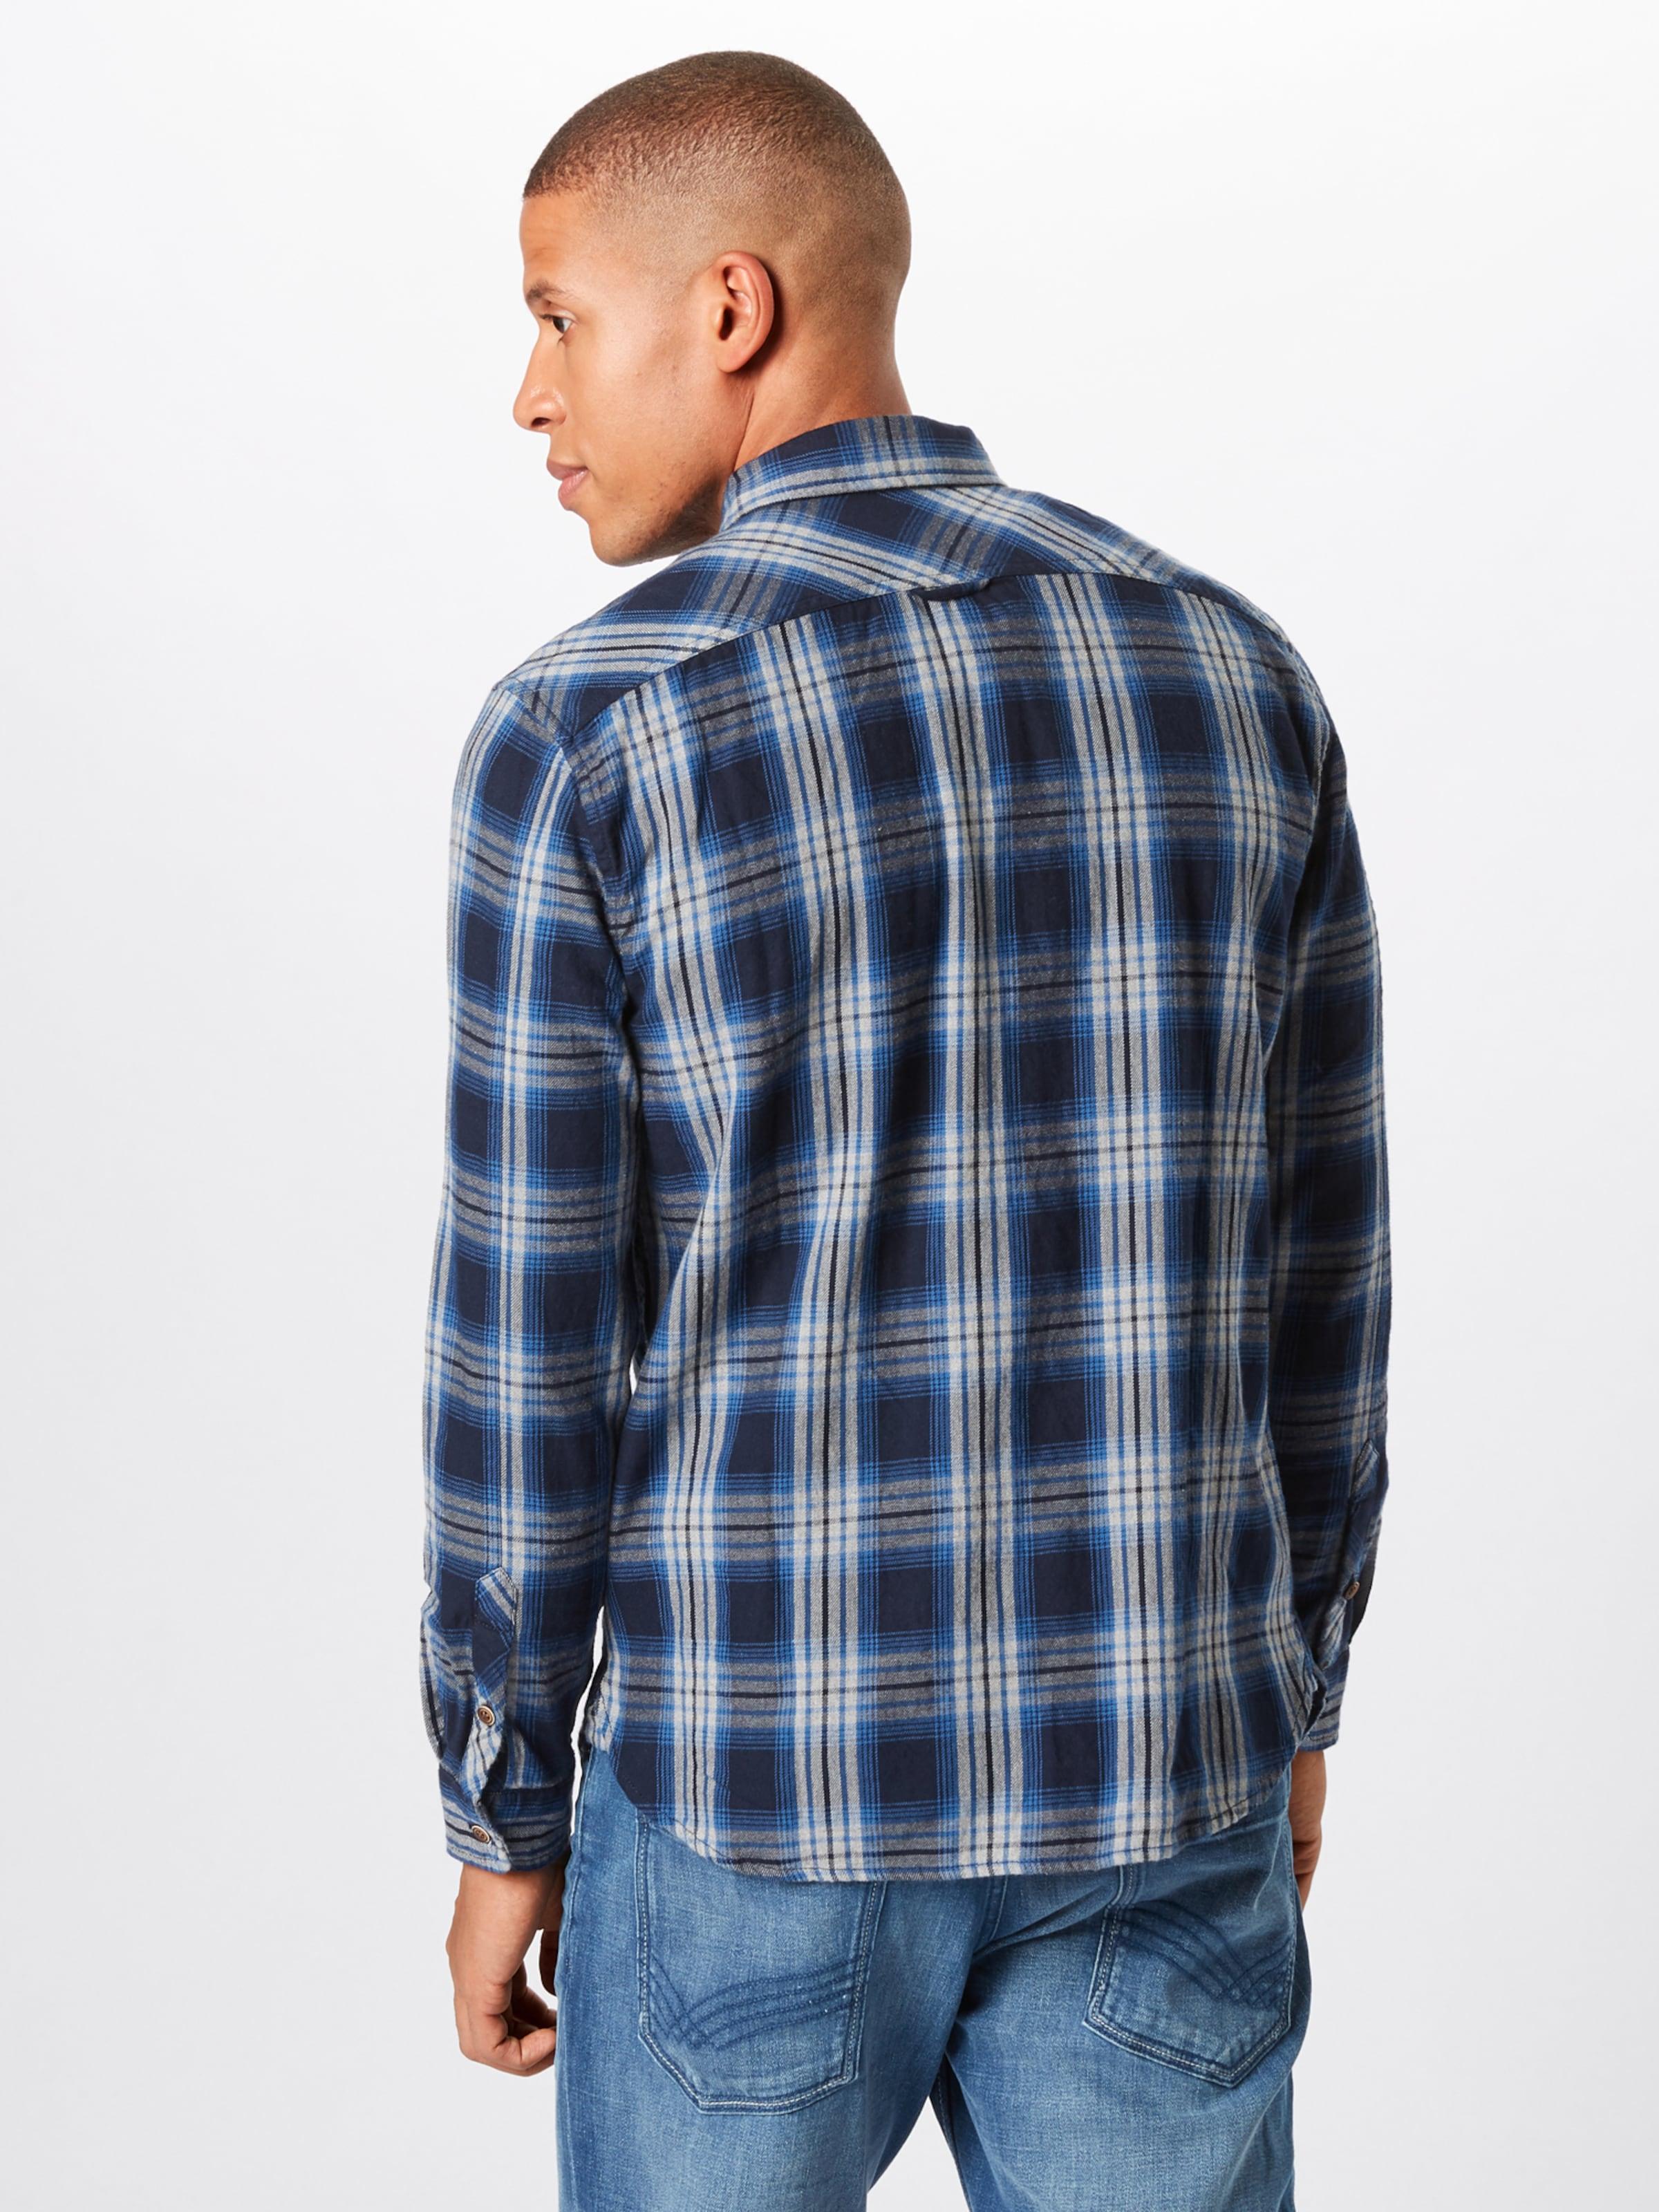 BlauWeiß In 'workwear' In In BlauWeiß Superdry Superdry Hemd 'workwear' Hemd 'workwear' Hemd Superdry T3K1lFcJ